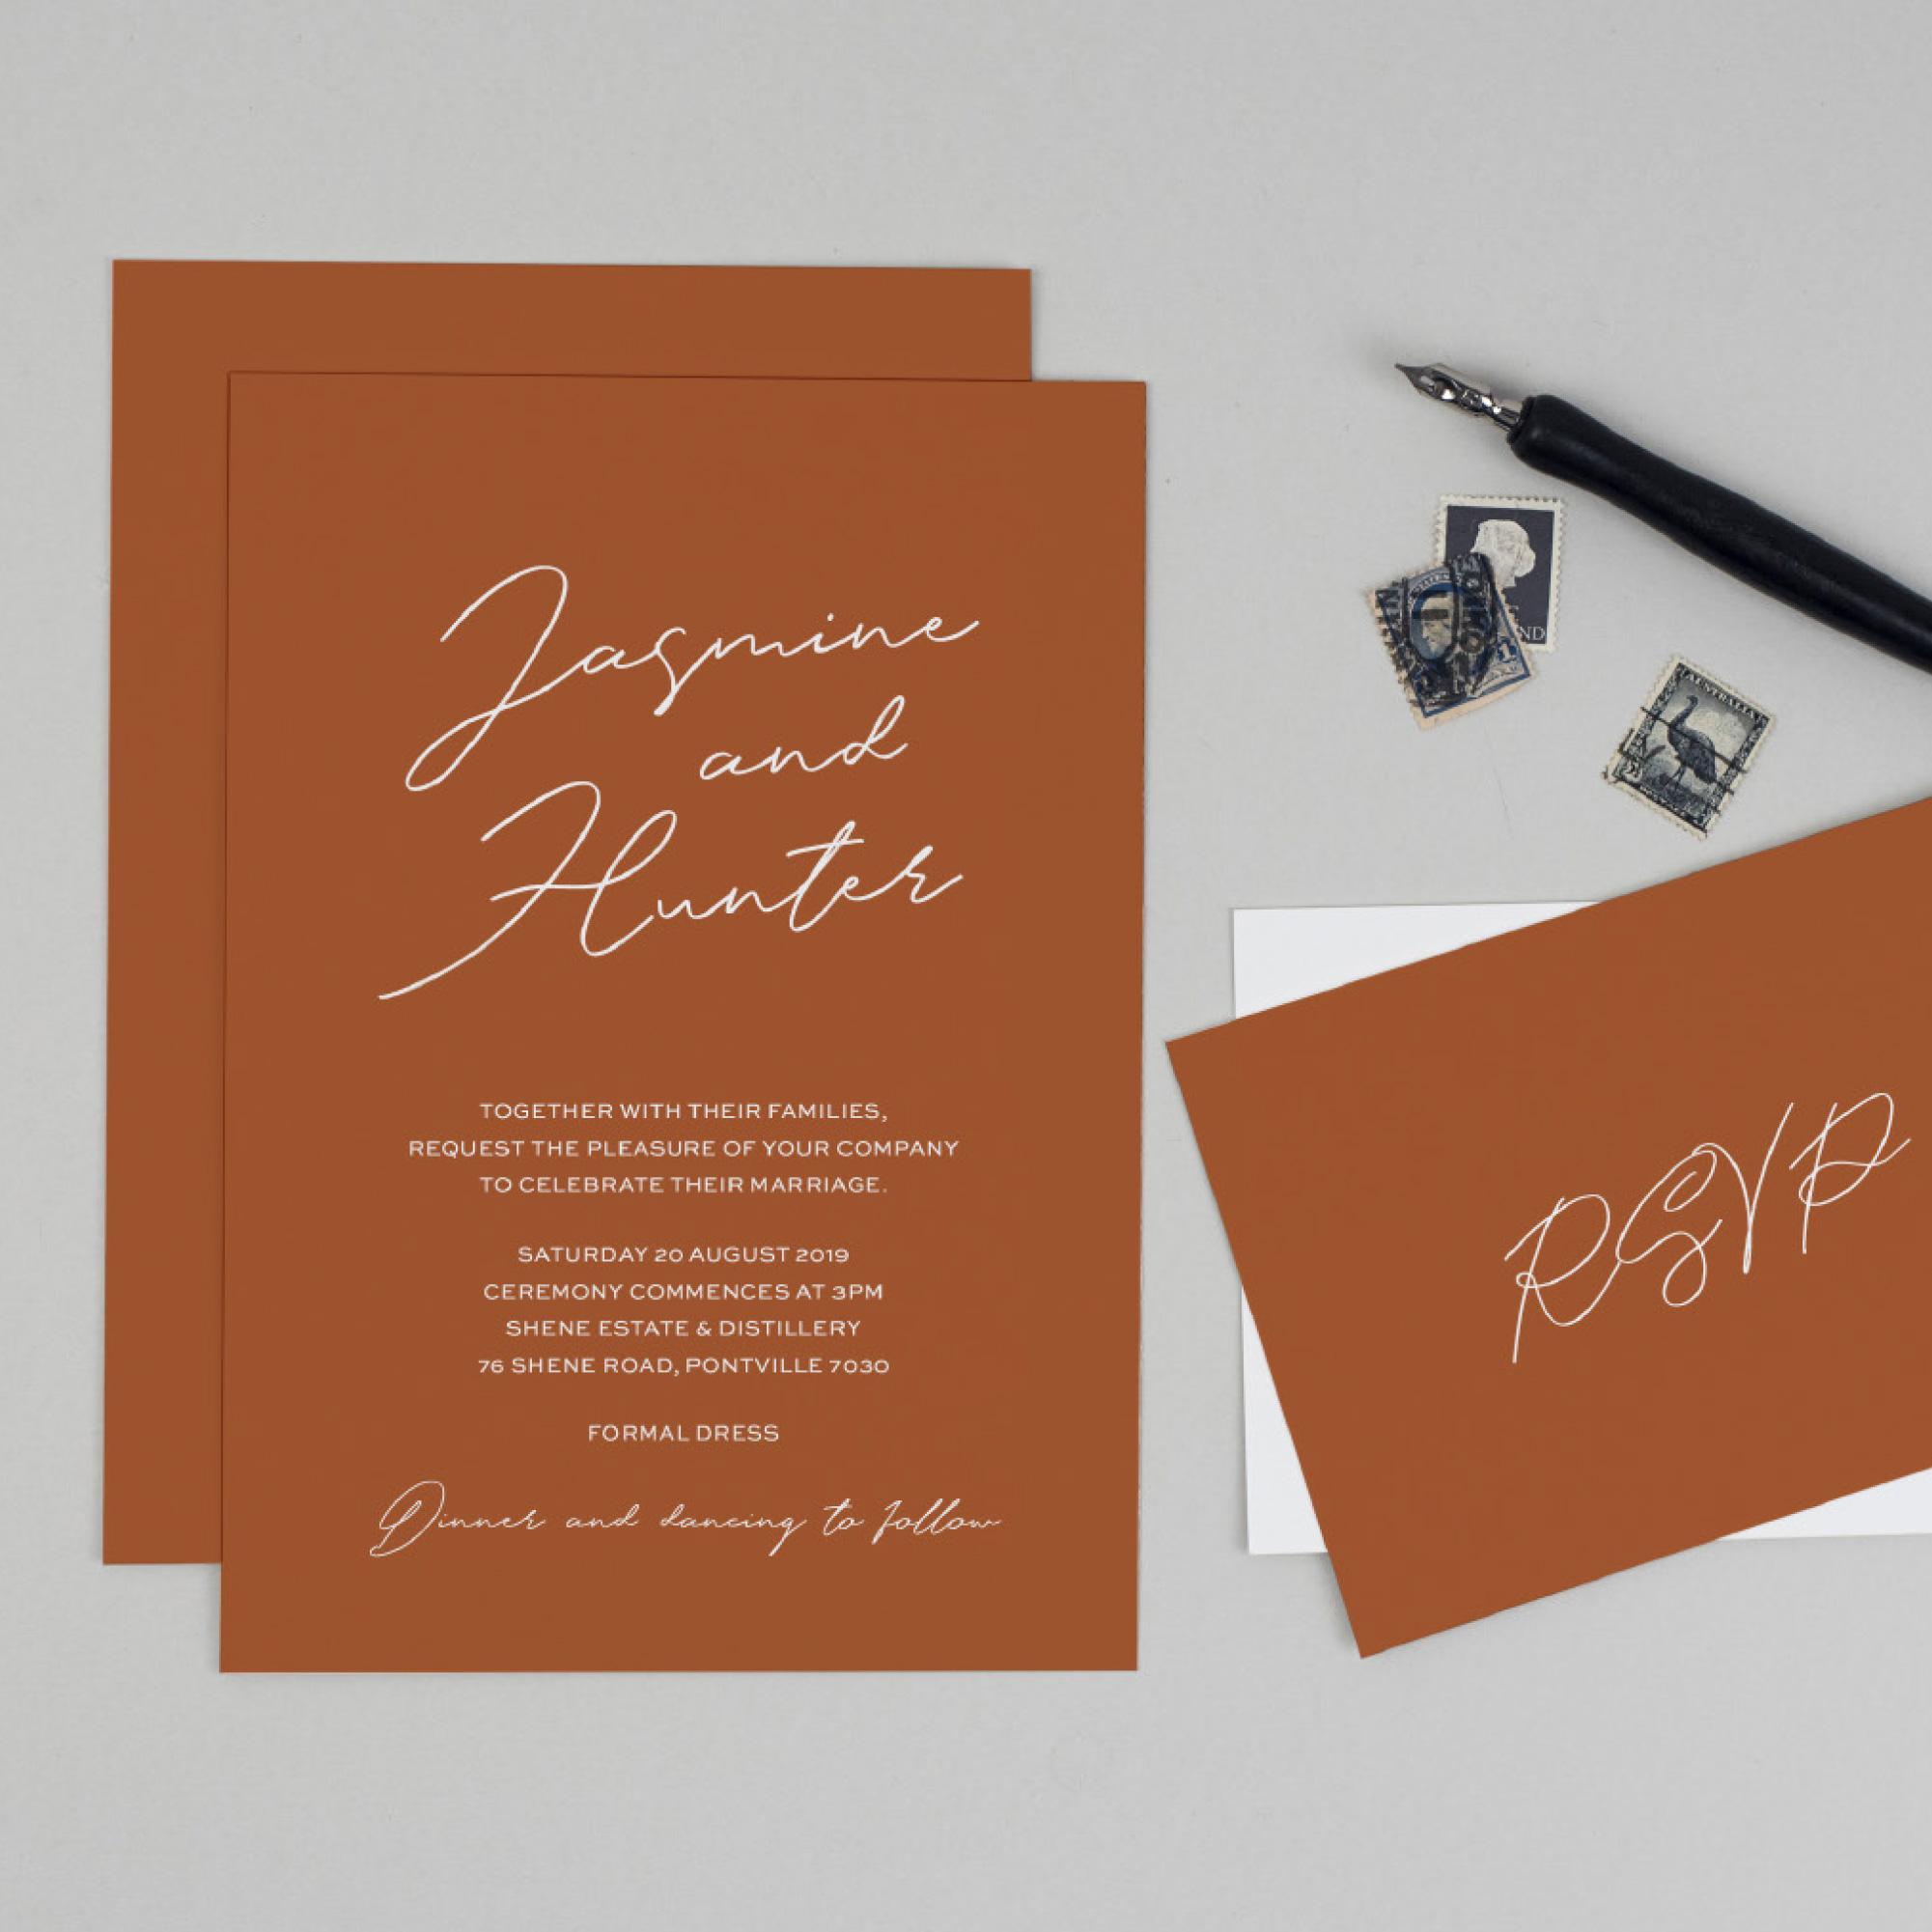 jasmine-wedding-stationery-3